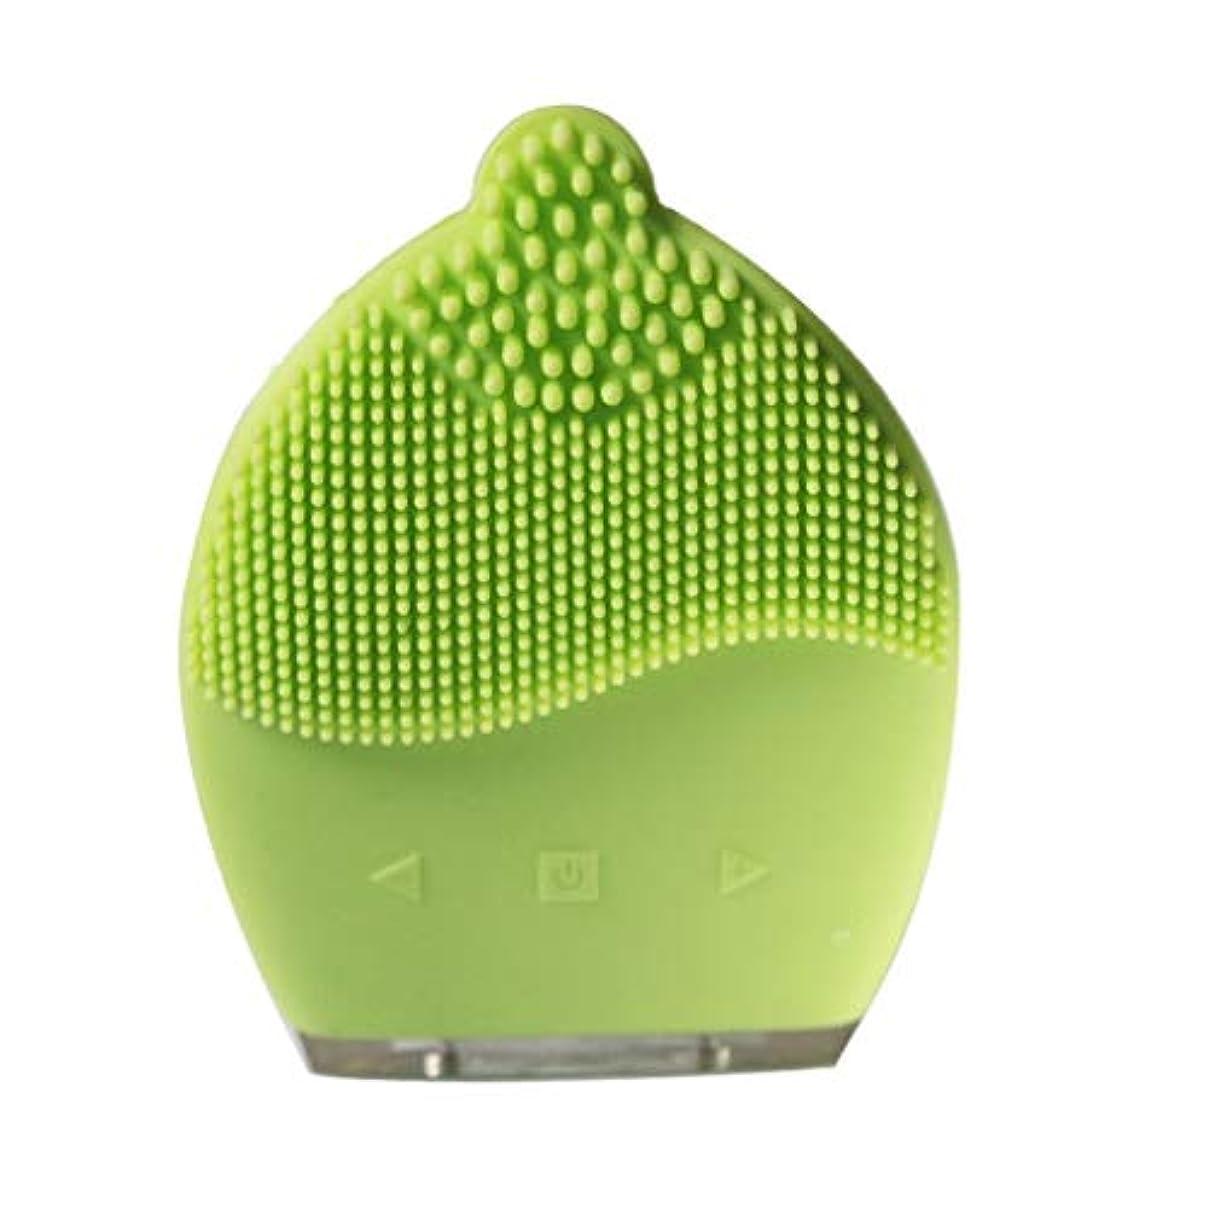 薬を飲む週間領域電気シリコーンクレンジング器具、USBフェイシャルシリコーンポータブルフェイシャルマッサージャーディープエクスフォリエイティングジェントル&ディープクレンジングフェイシャル (Color : Green)